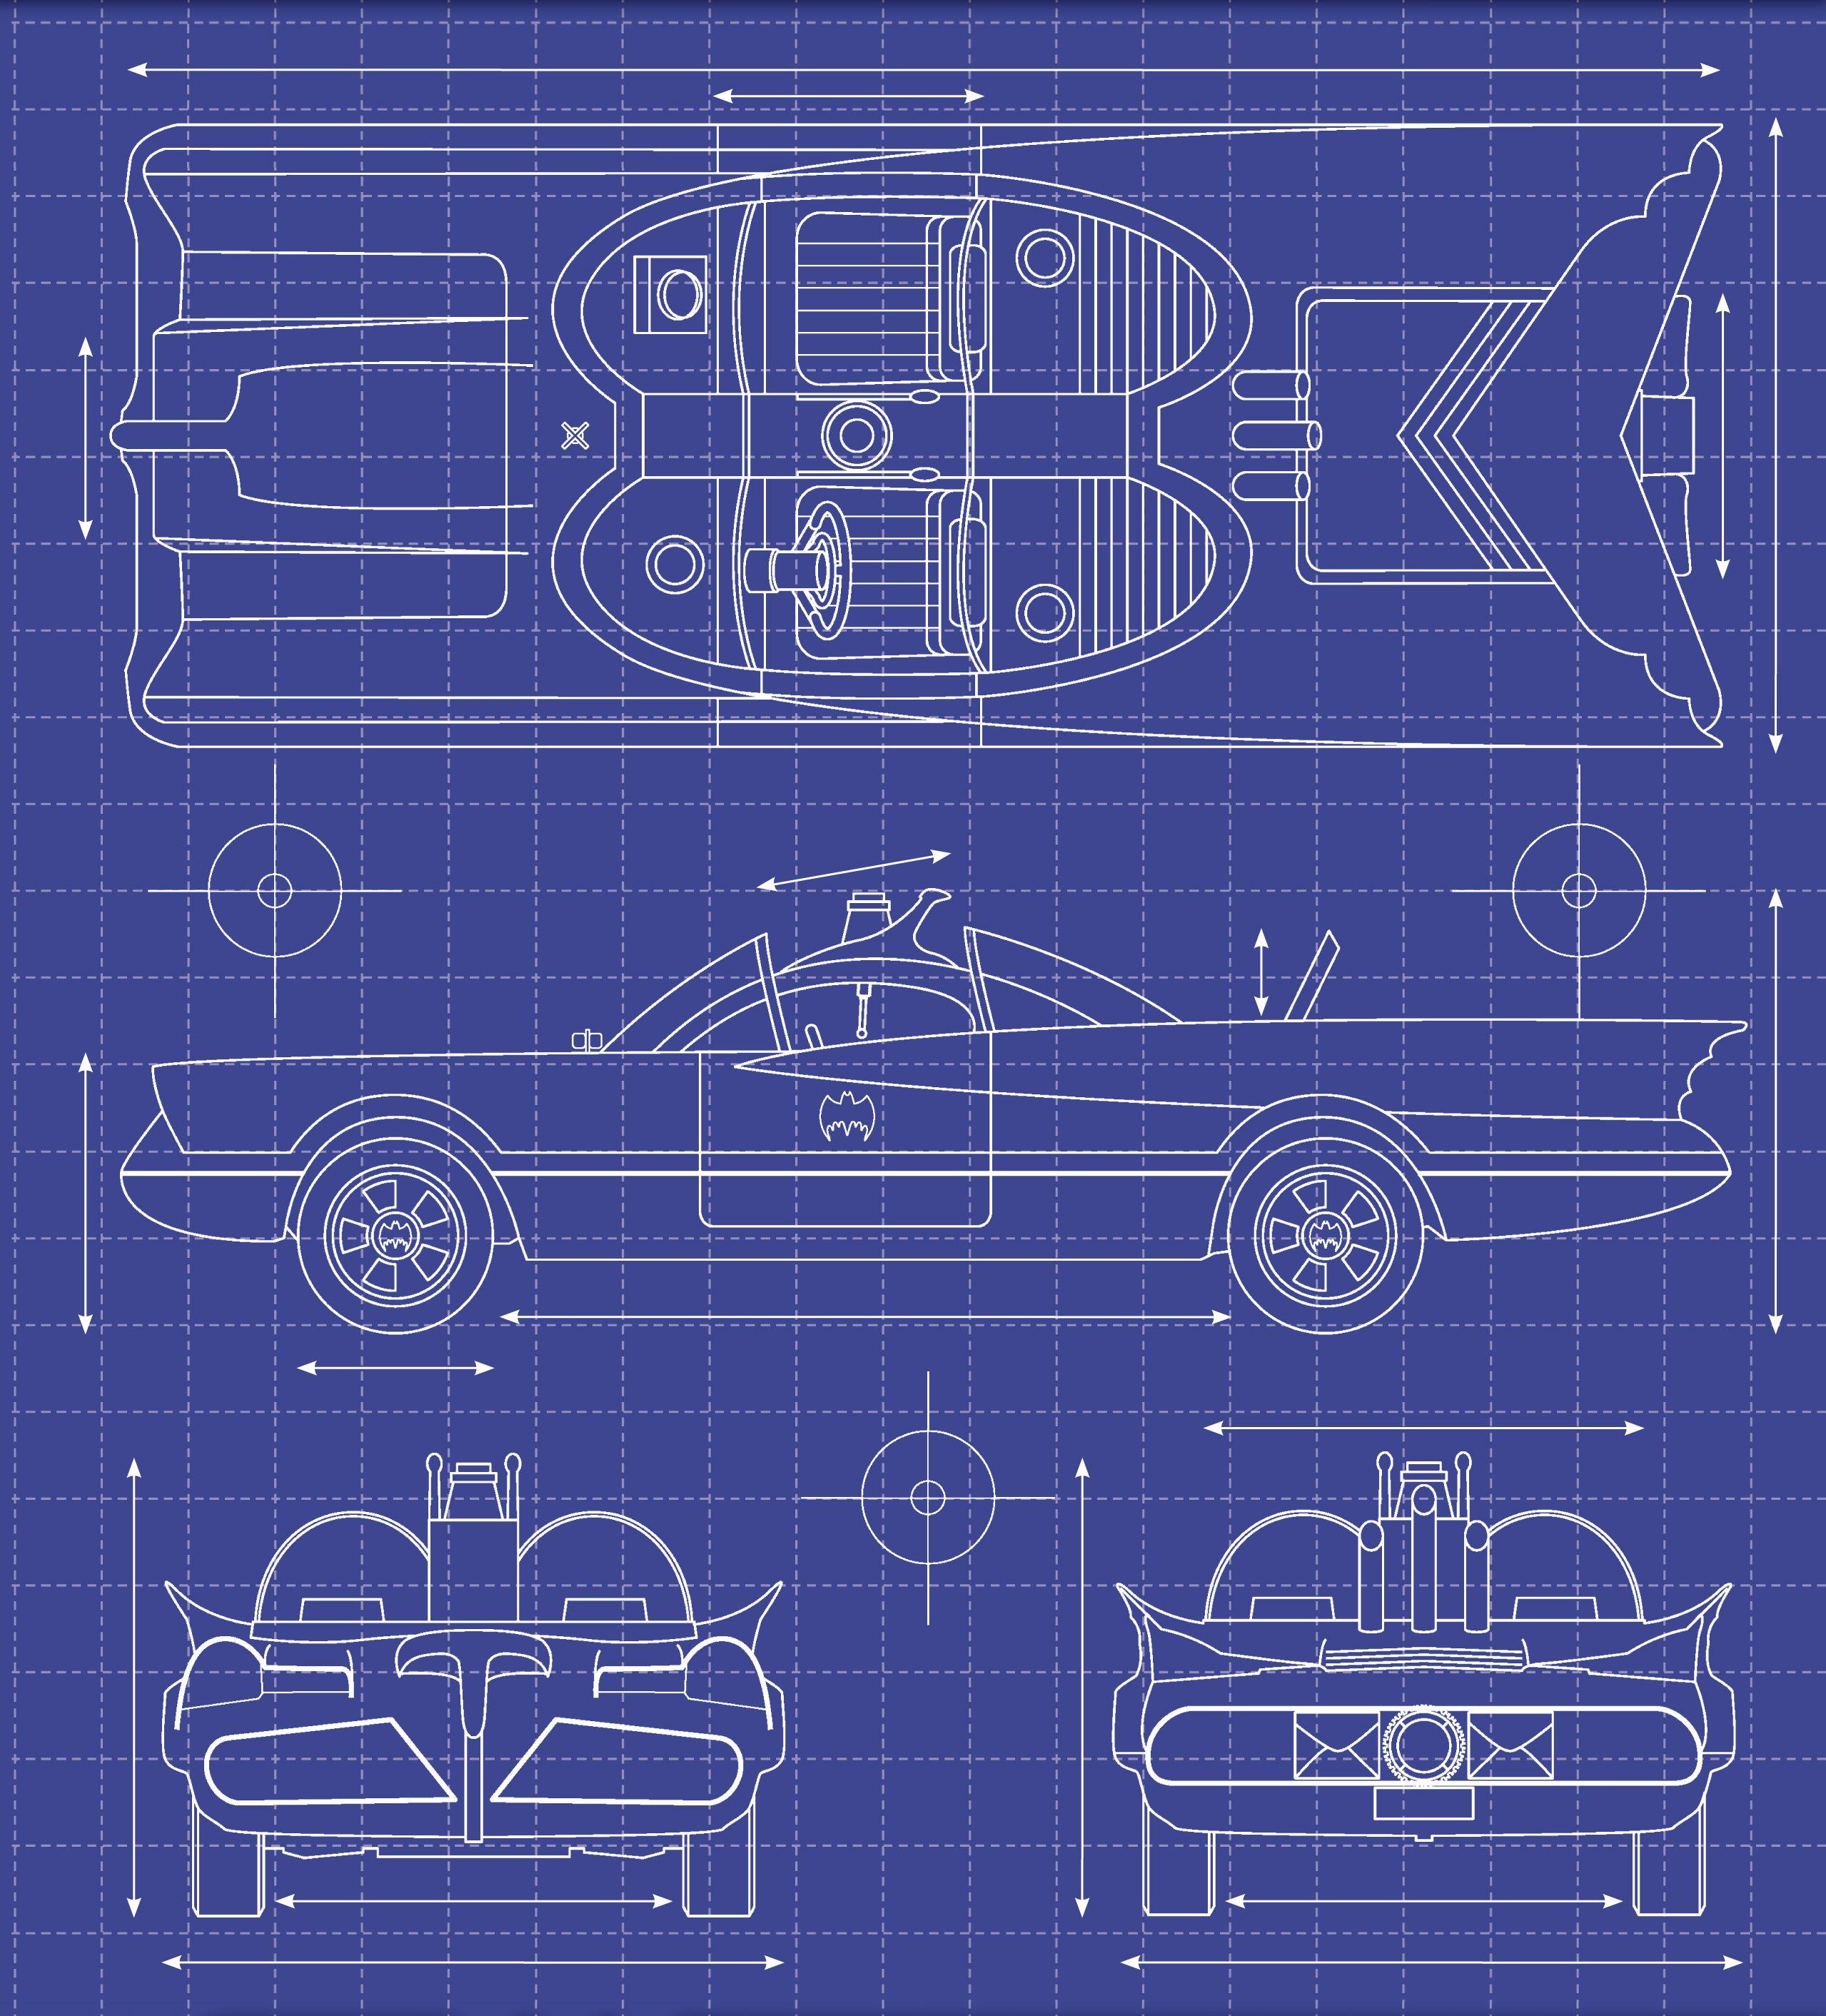 19133 batmobile schematics - Google Search | 1960's Batmobile ... on batwing schematics, trailer schematics, batpod schematics,